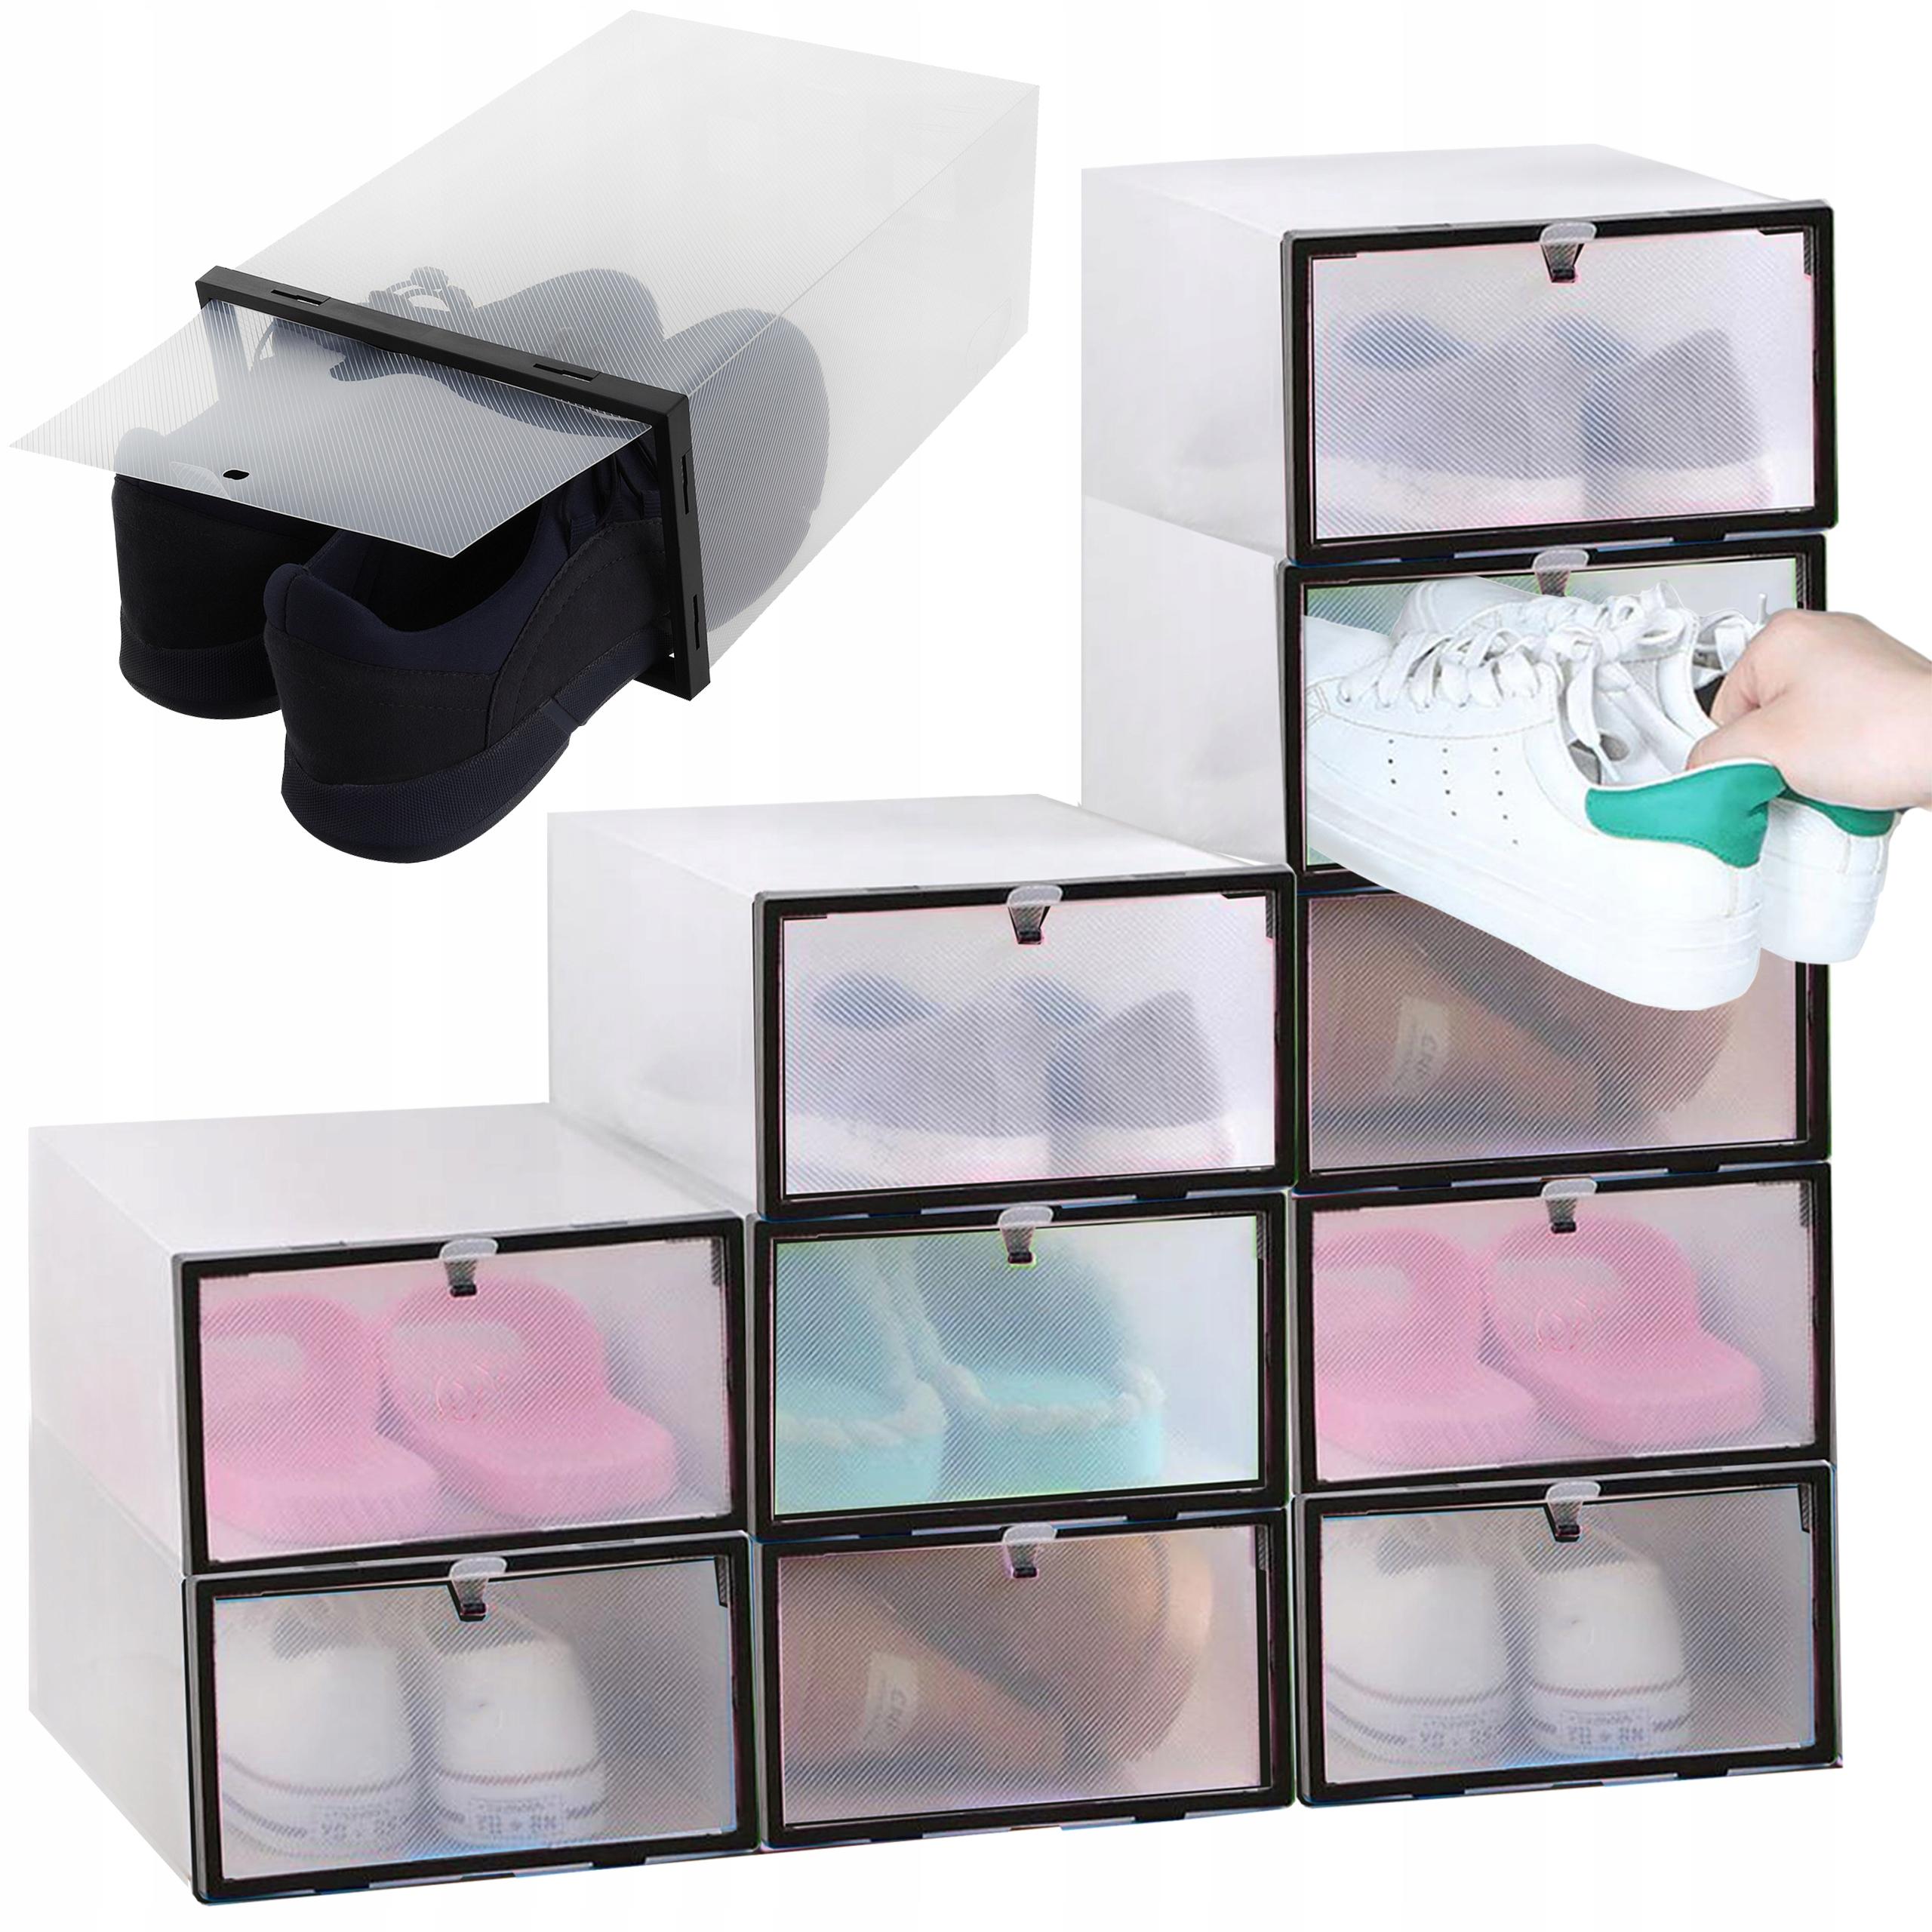 10 x Контейнер-органайзер для обуви с клапаном